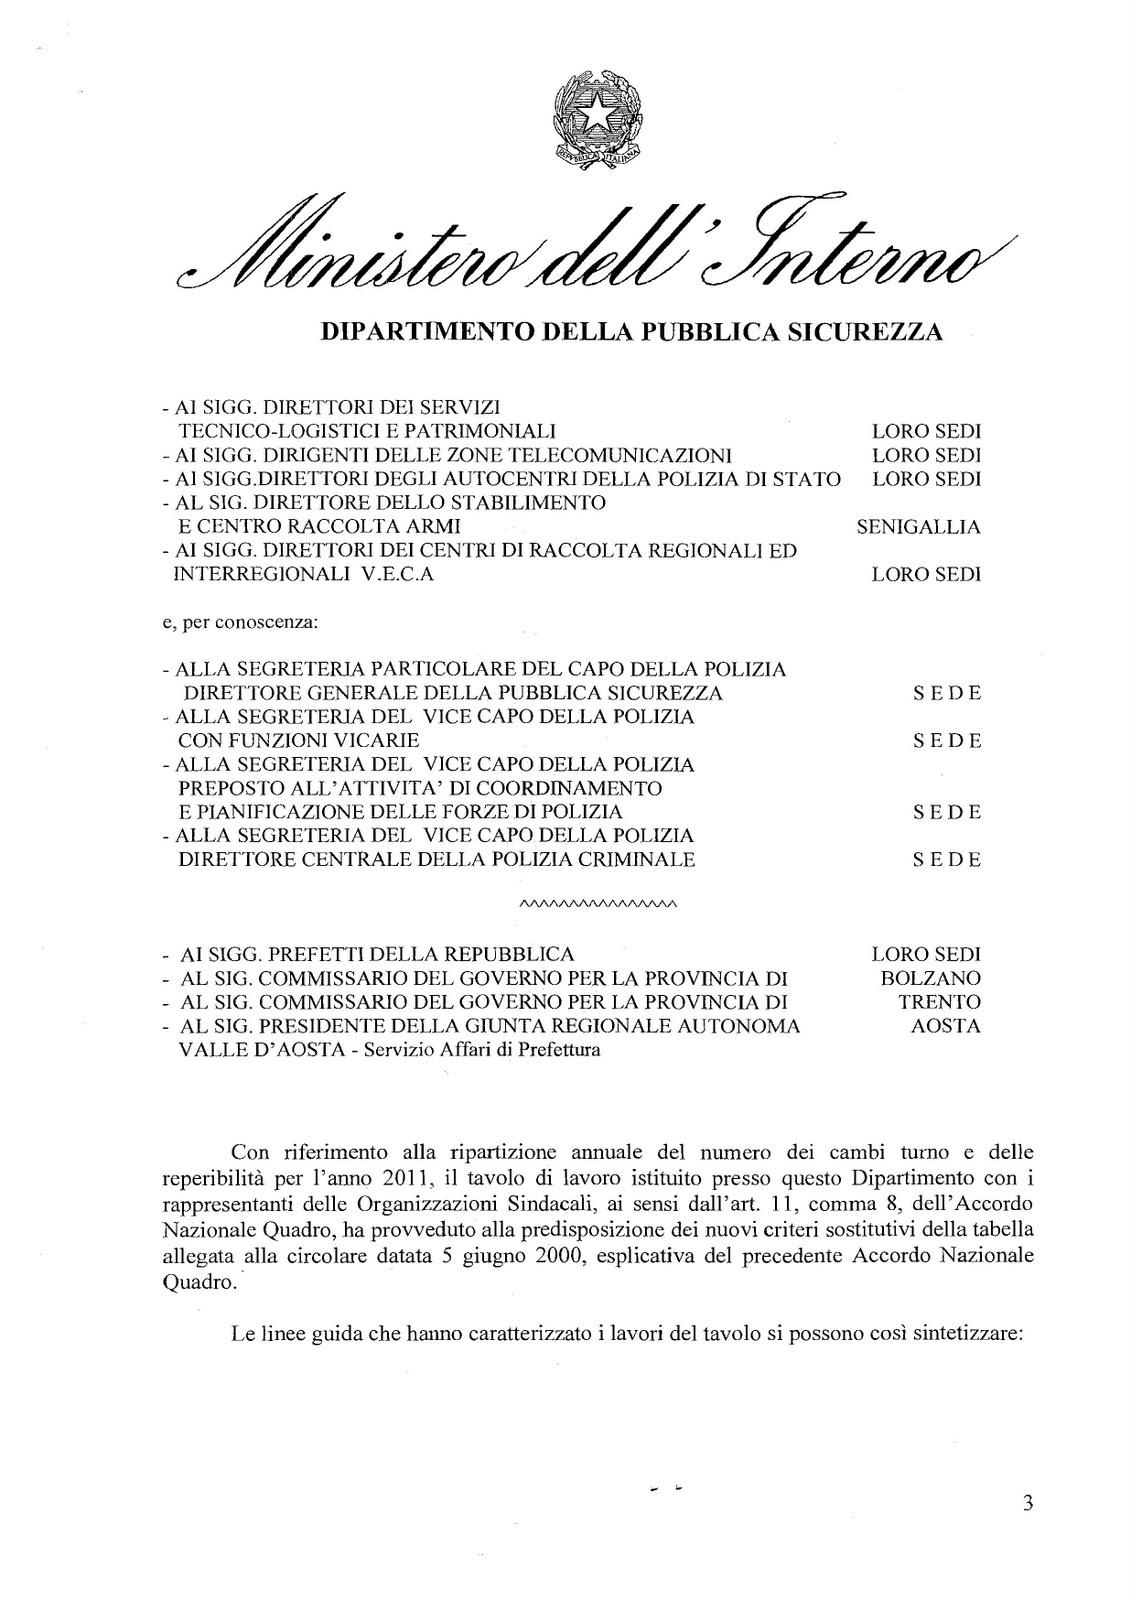 Lpd Ministero Dell 39 Interno Dipartimento Della P S